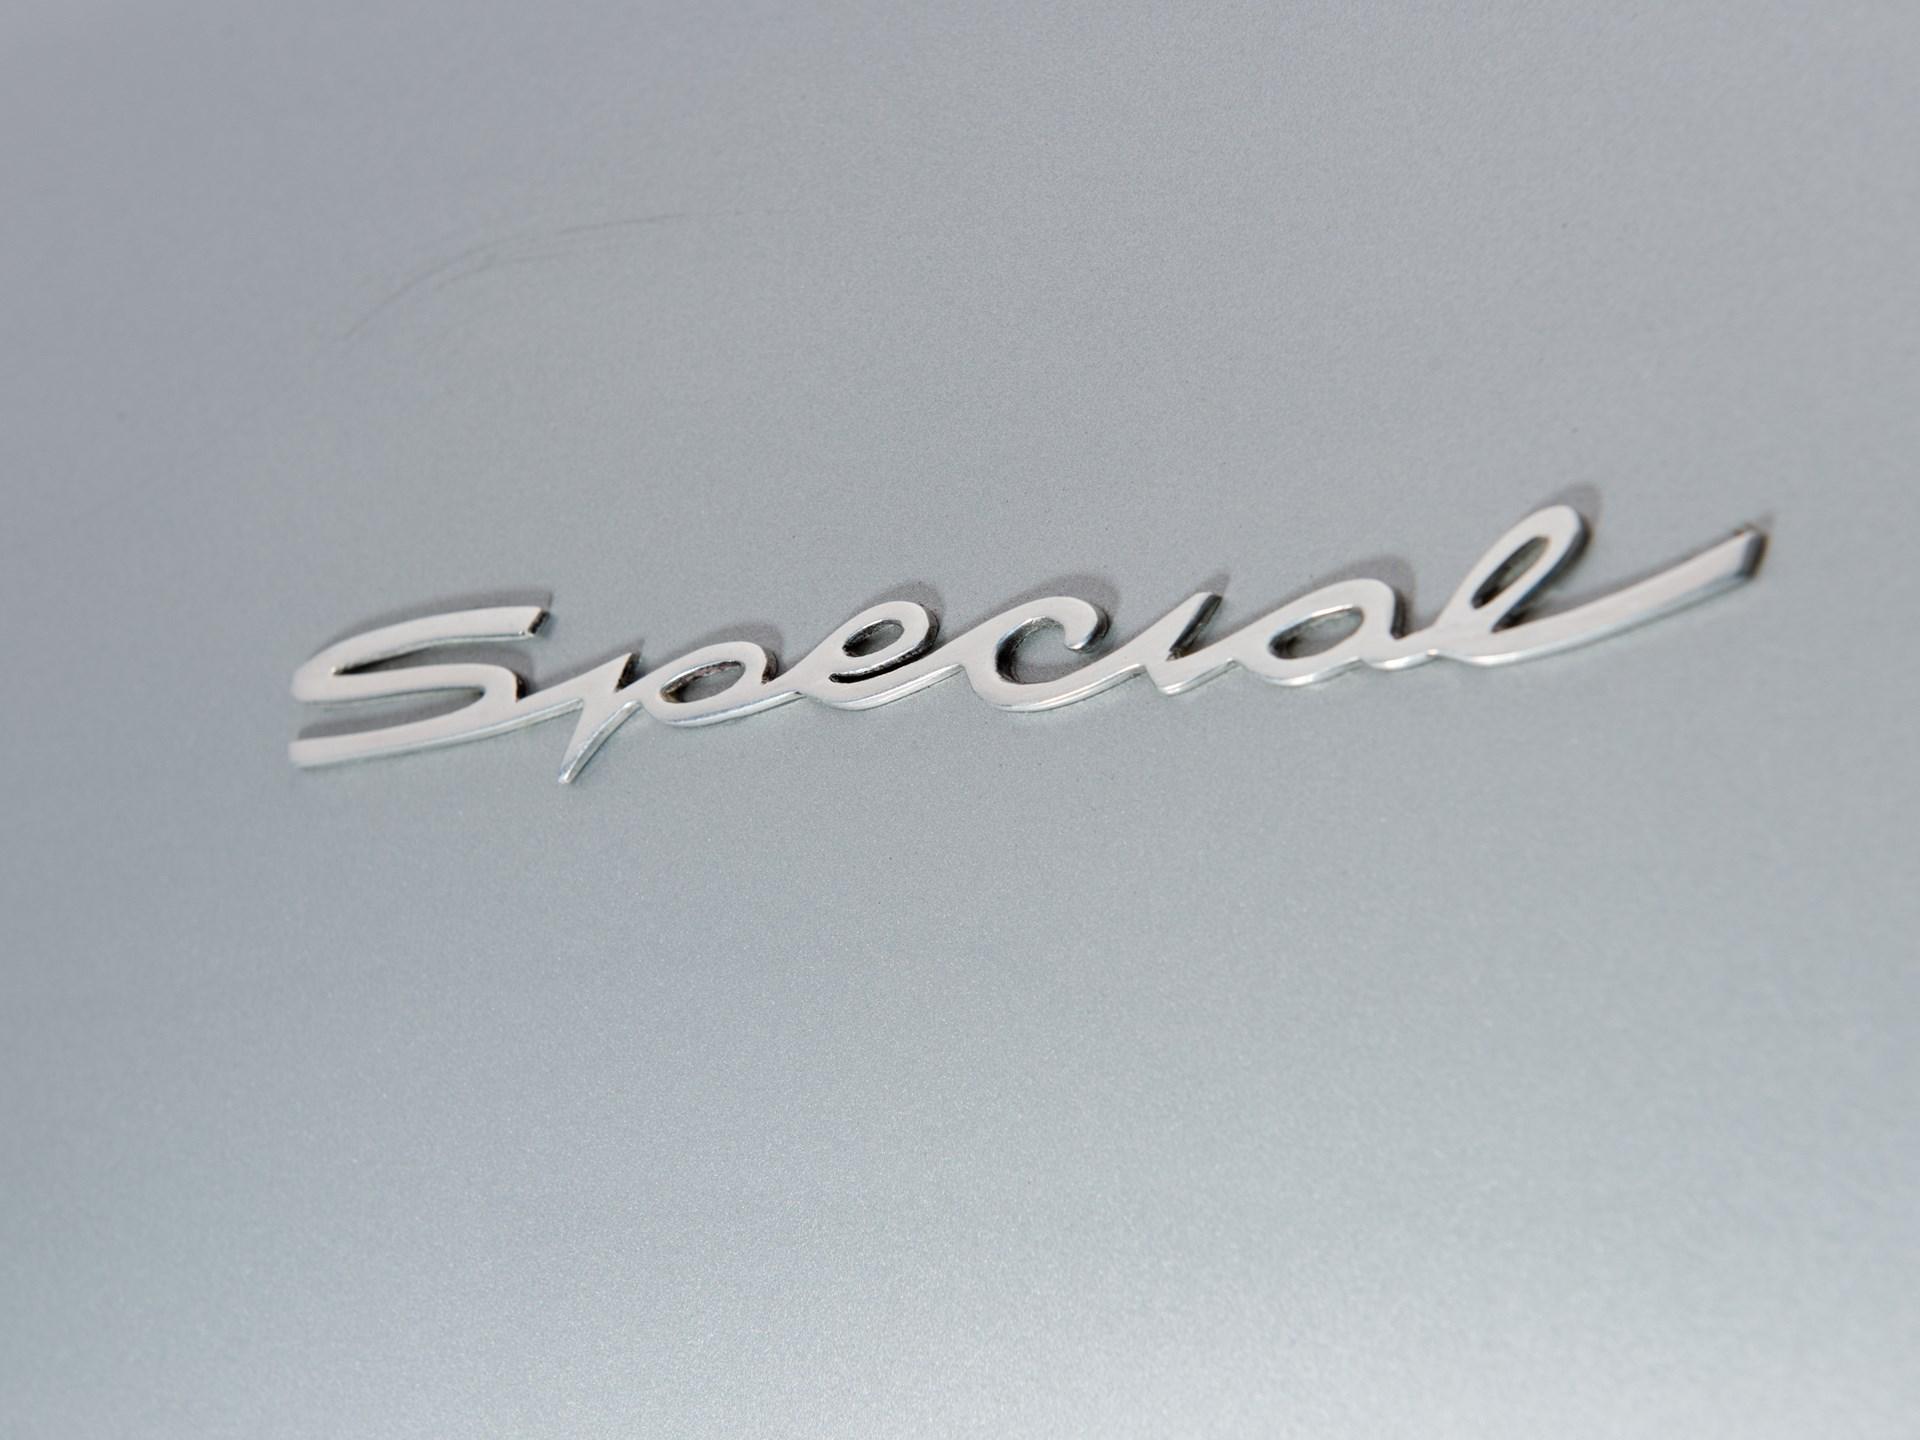 1955 Porsche 356 Pre-A 'Emory Special' Coupe